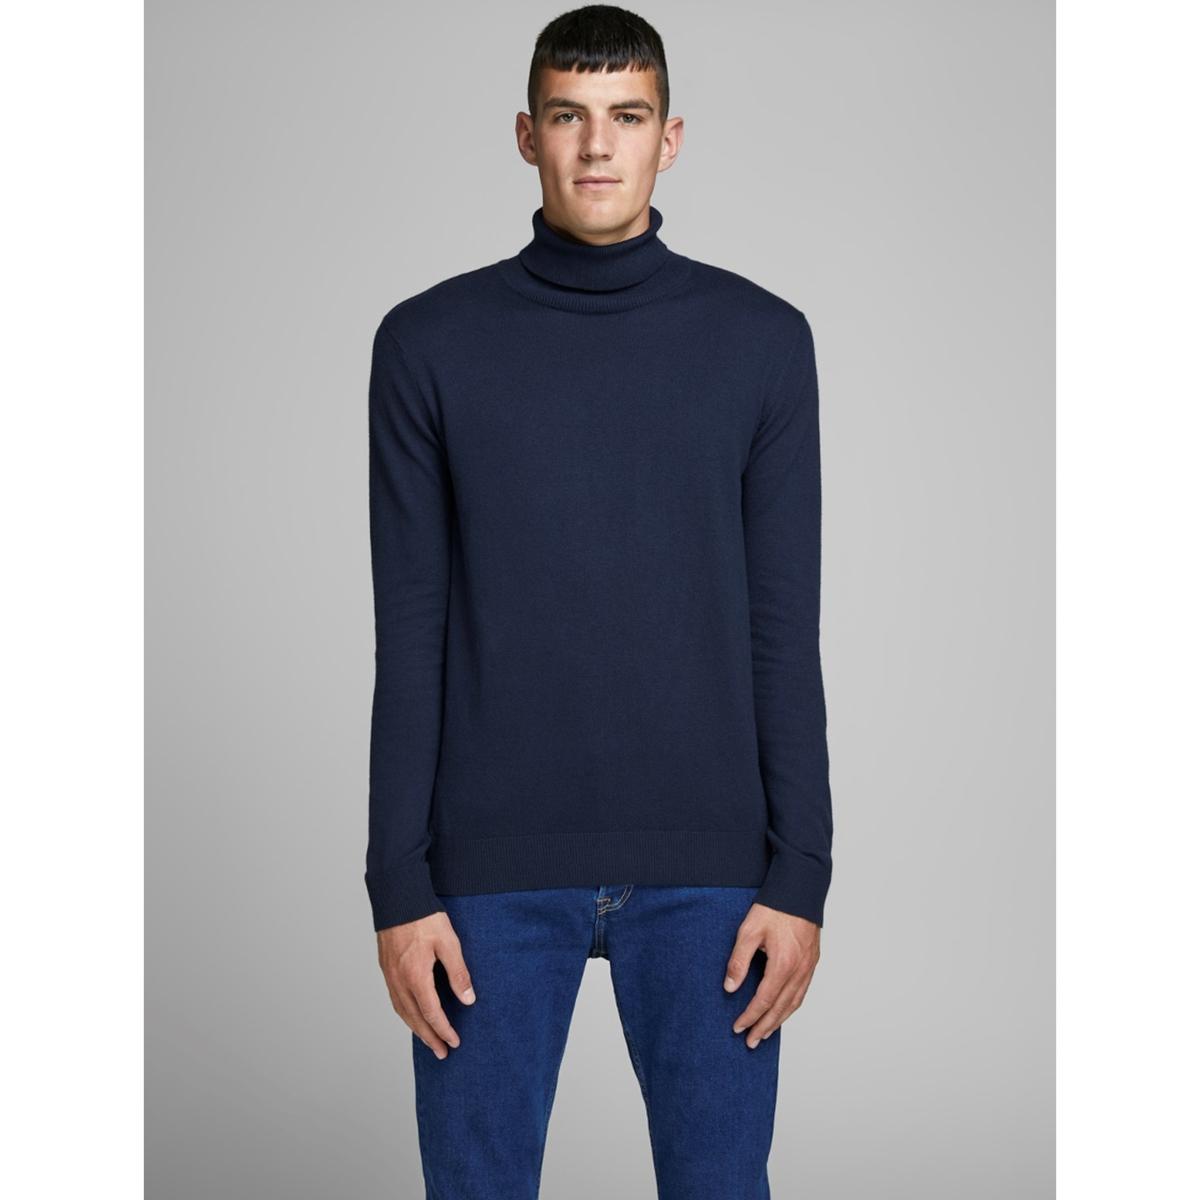 Пуловер LaRedoute С круглым вырезом из хлопка Jjeemil XXL синий